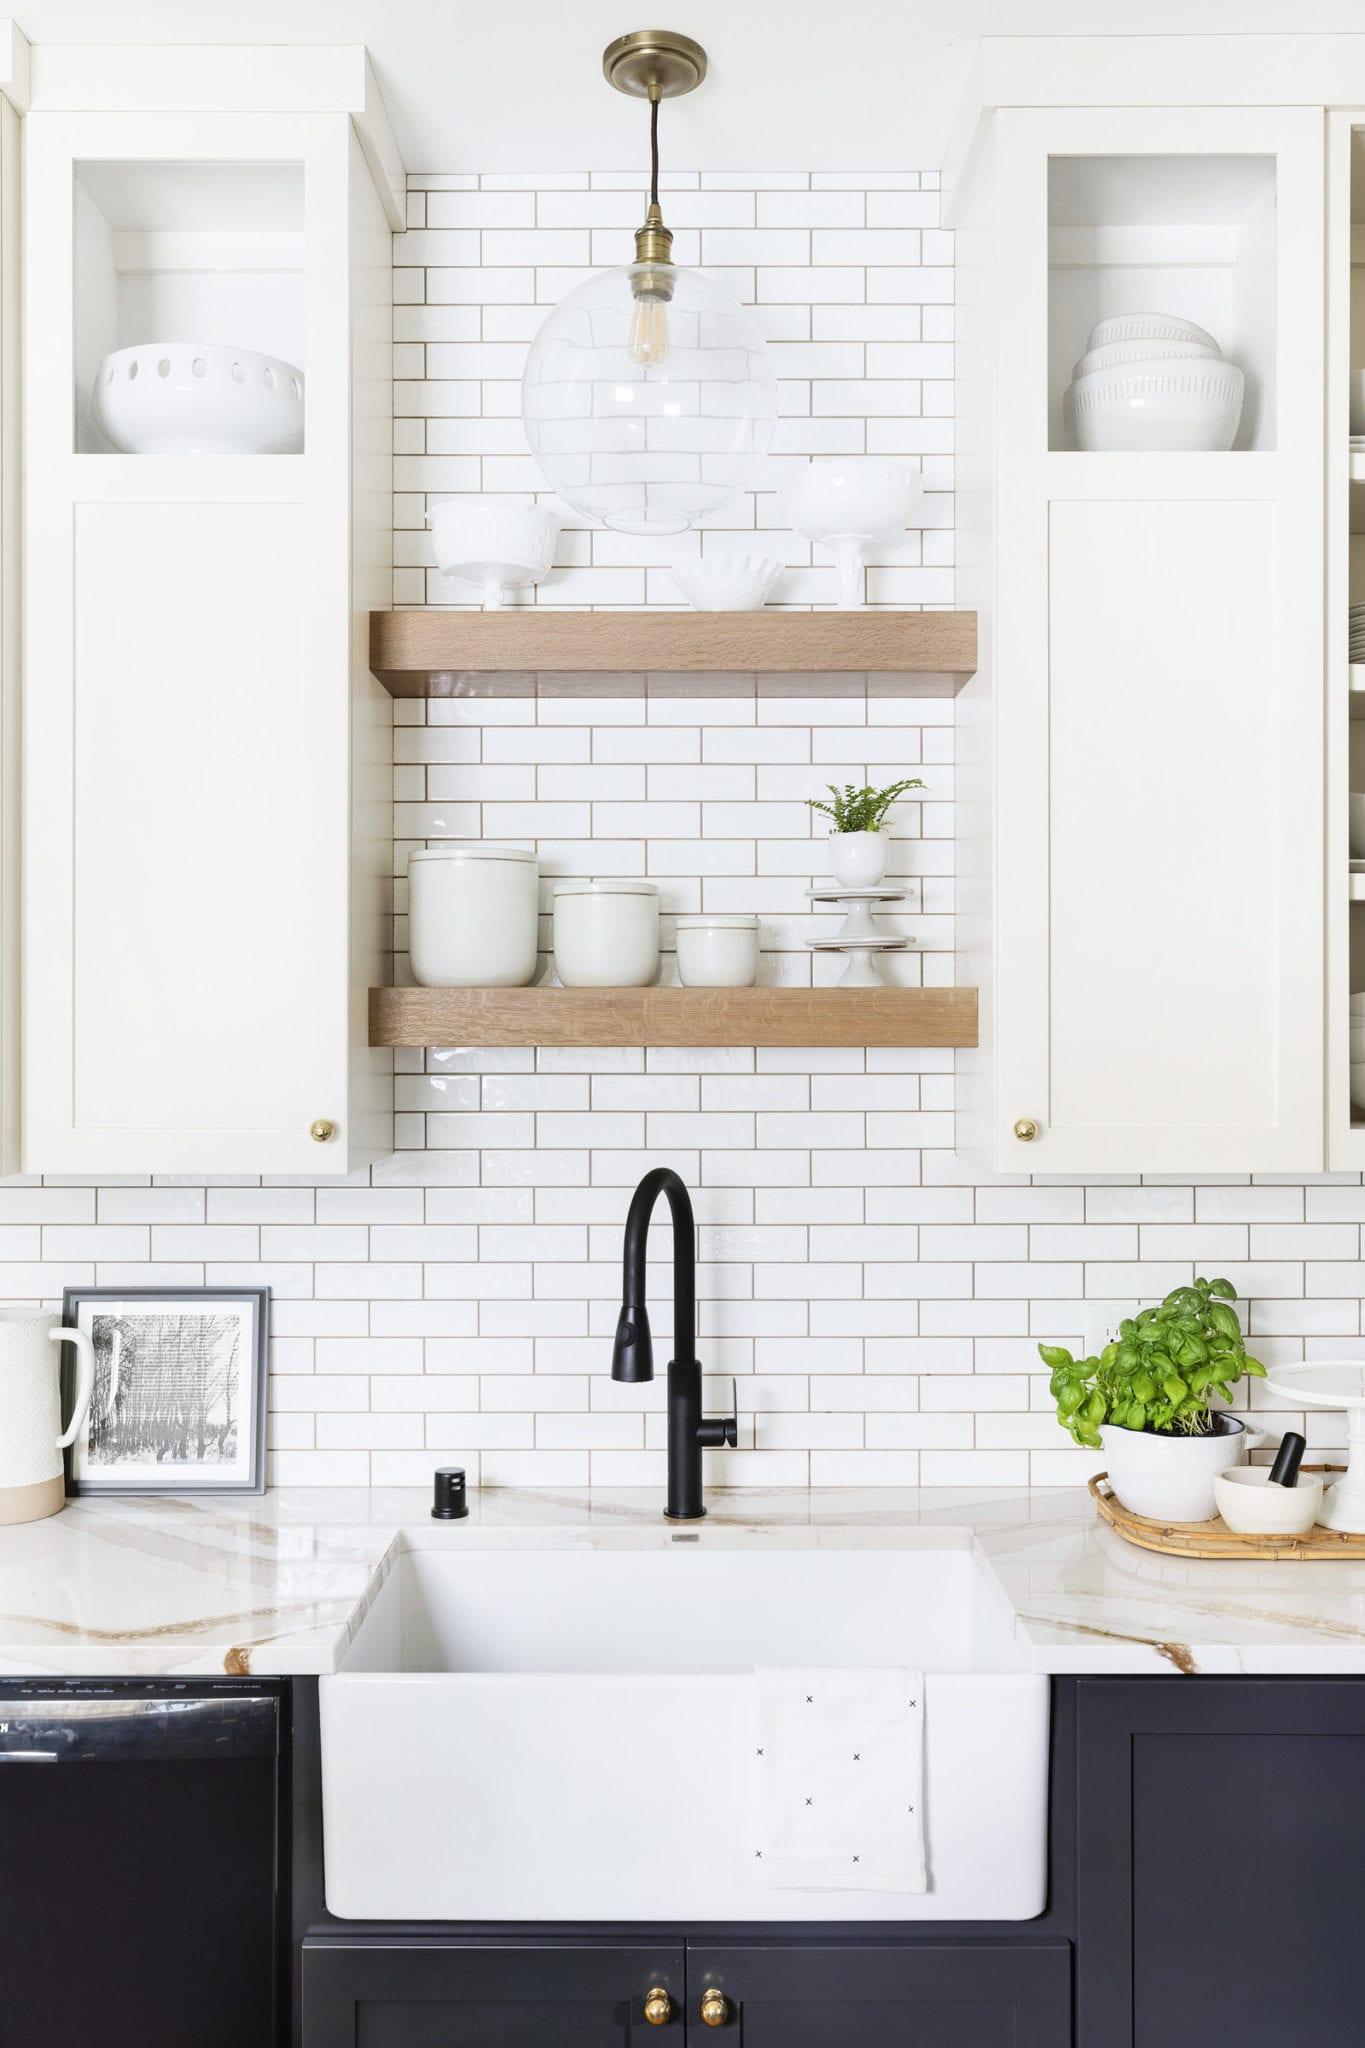 our favorite kitchen backsplash tiles